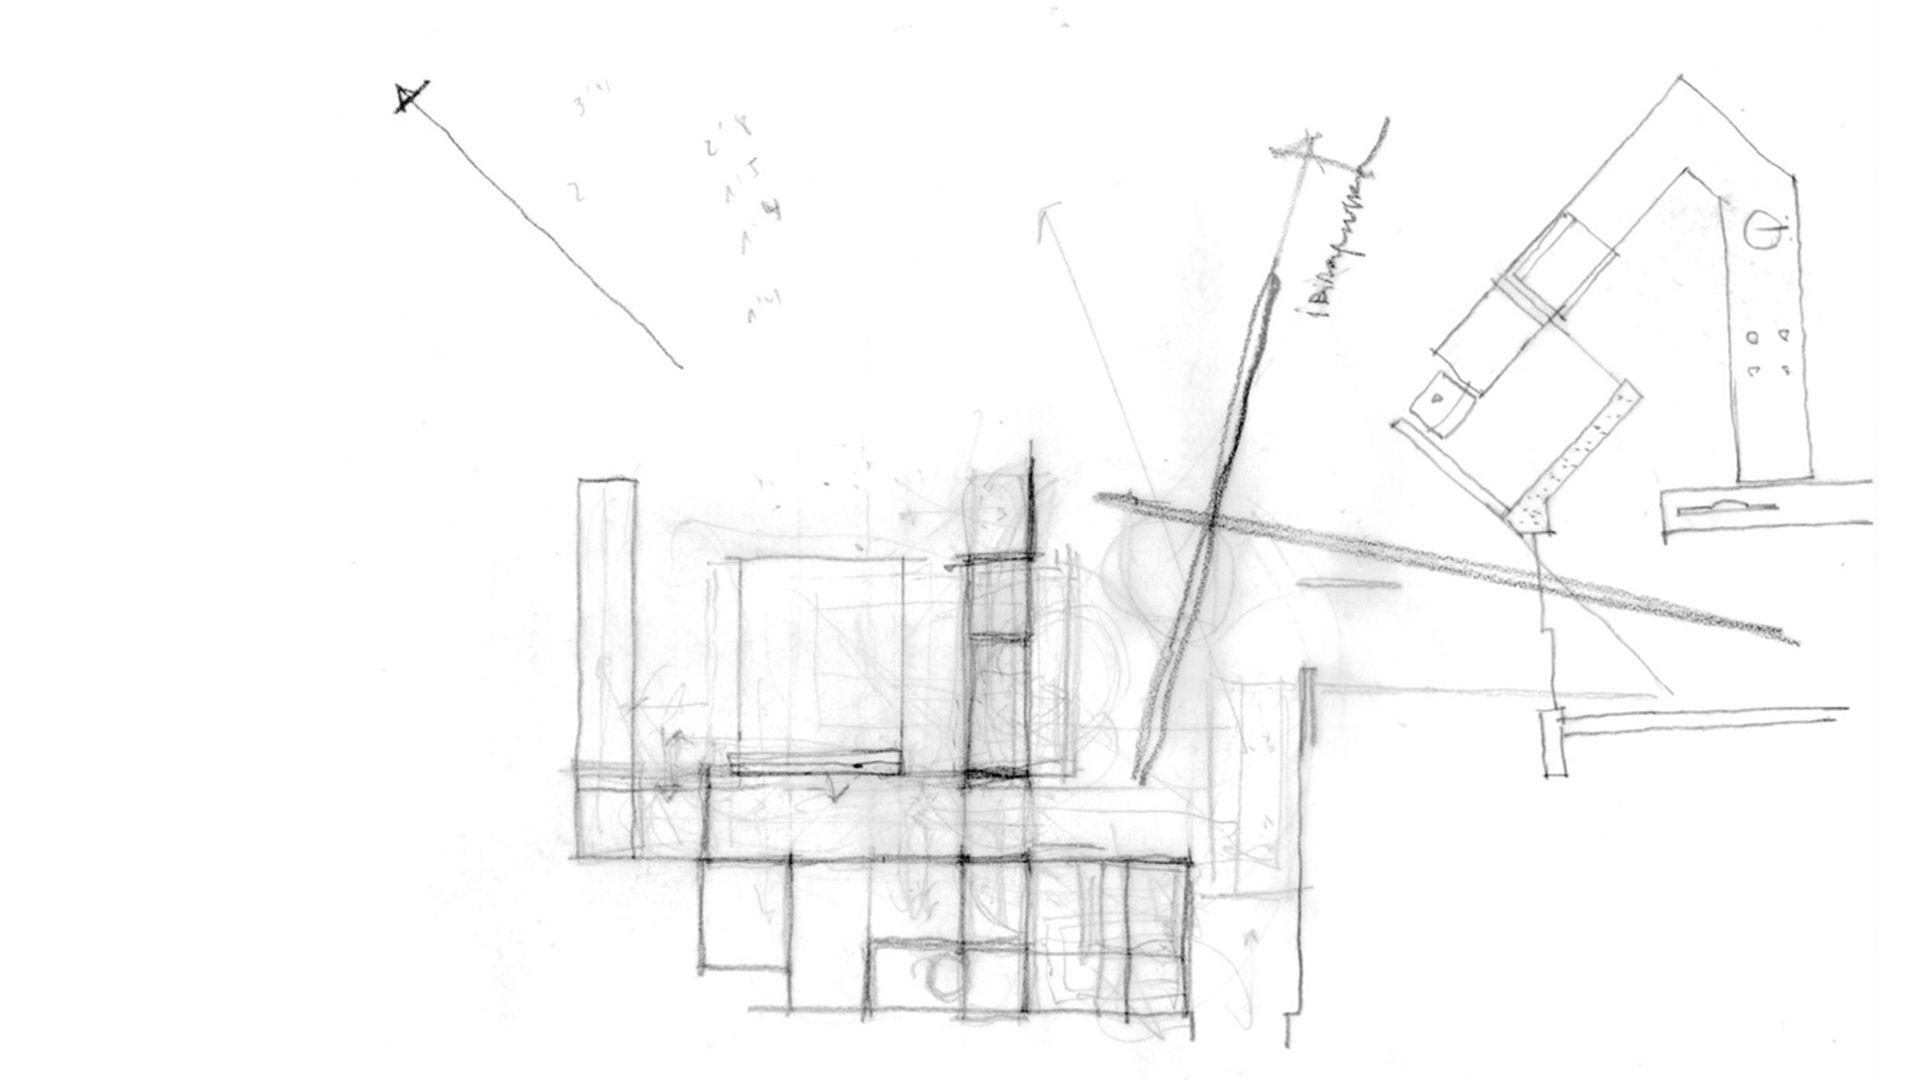 Apartamento Ibirapuera Tápies Coletivo de Arquitetos #414141 1920 1080